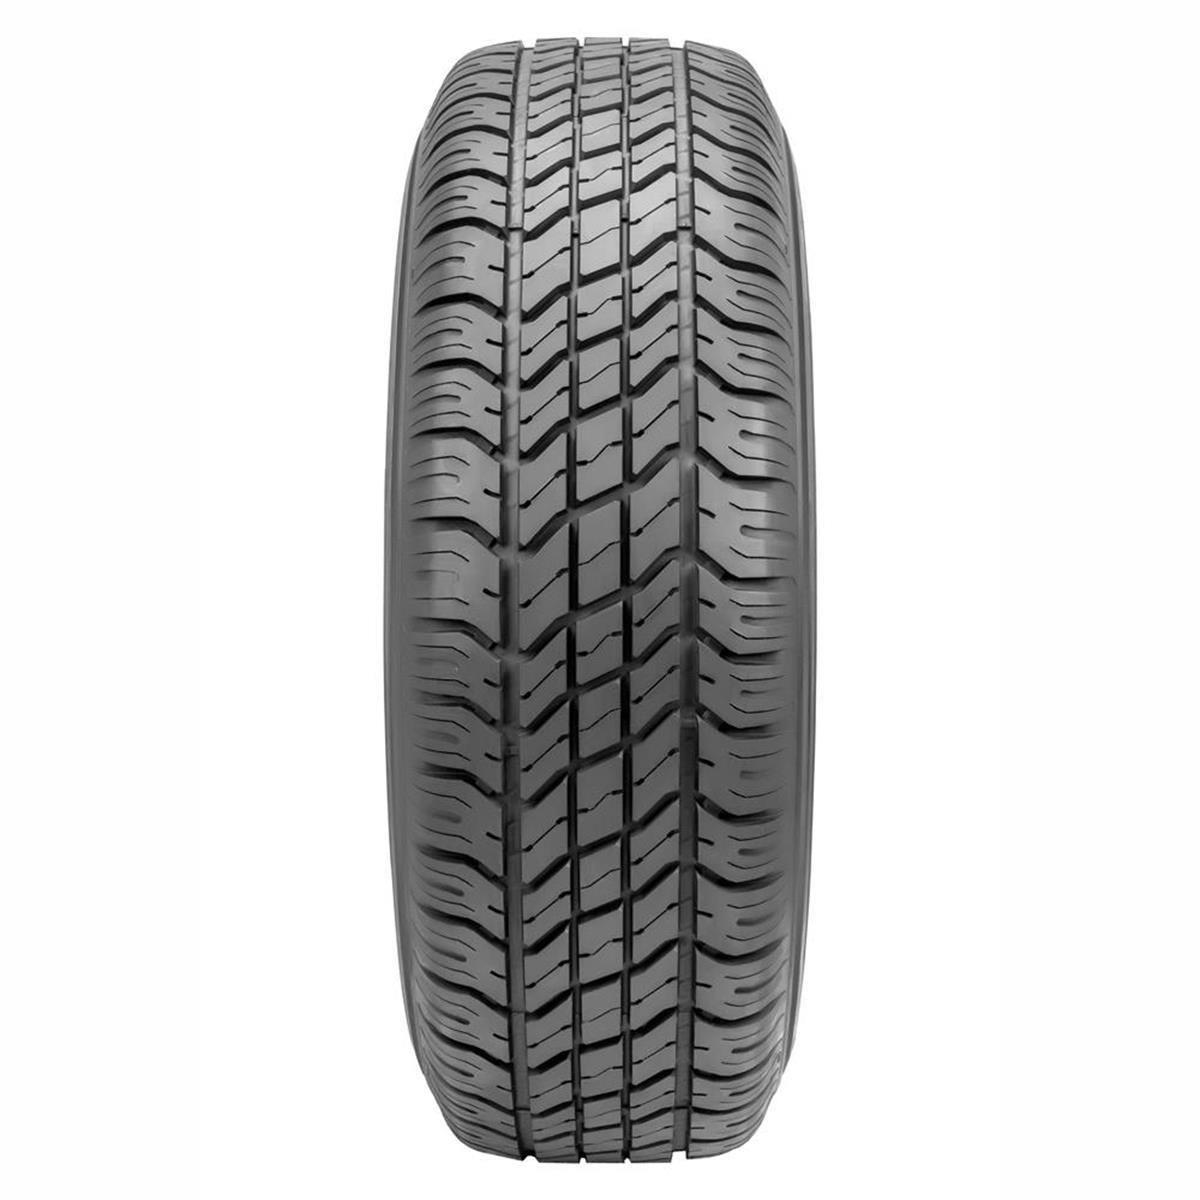 Pneu 225/65 R 17 - Formula S/T 102H - Pirelli